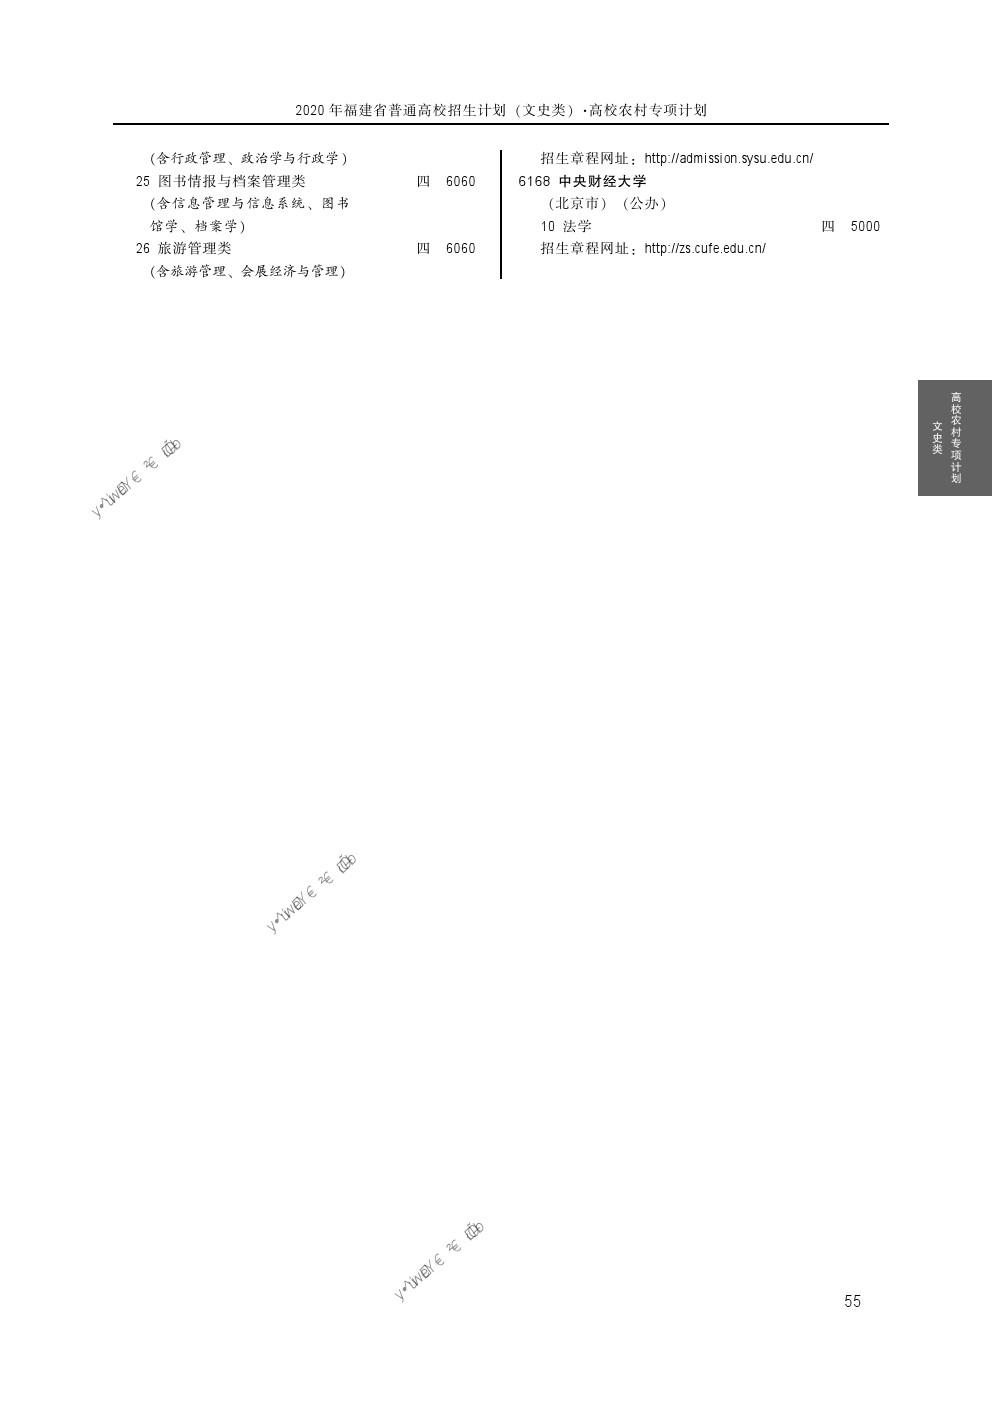 2020年福建高考高校农村专项文史类招生计划(图片)